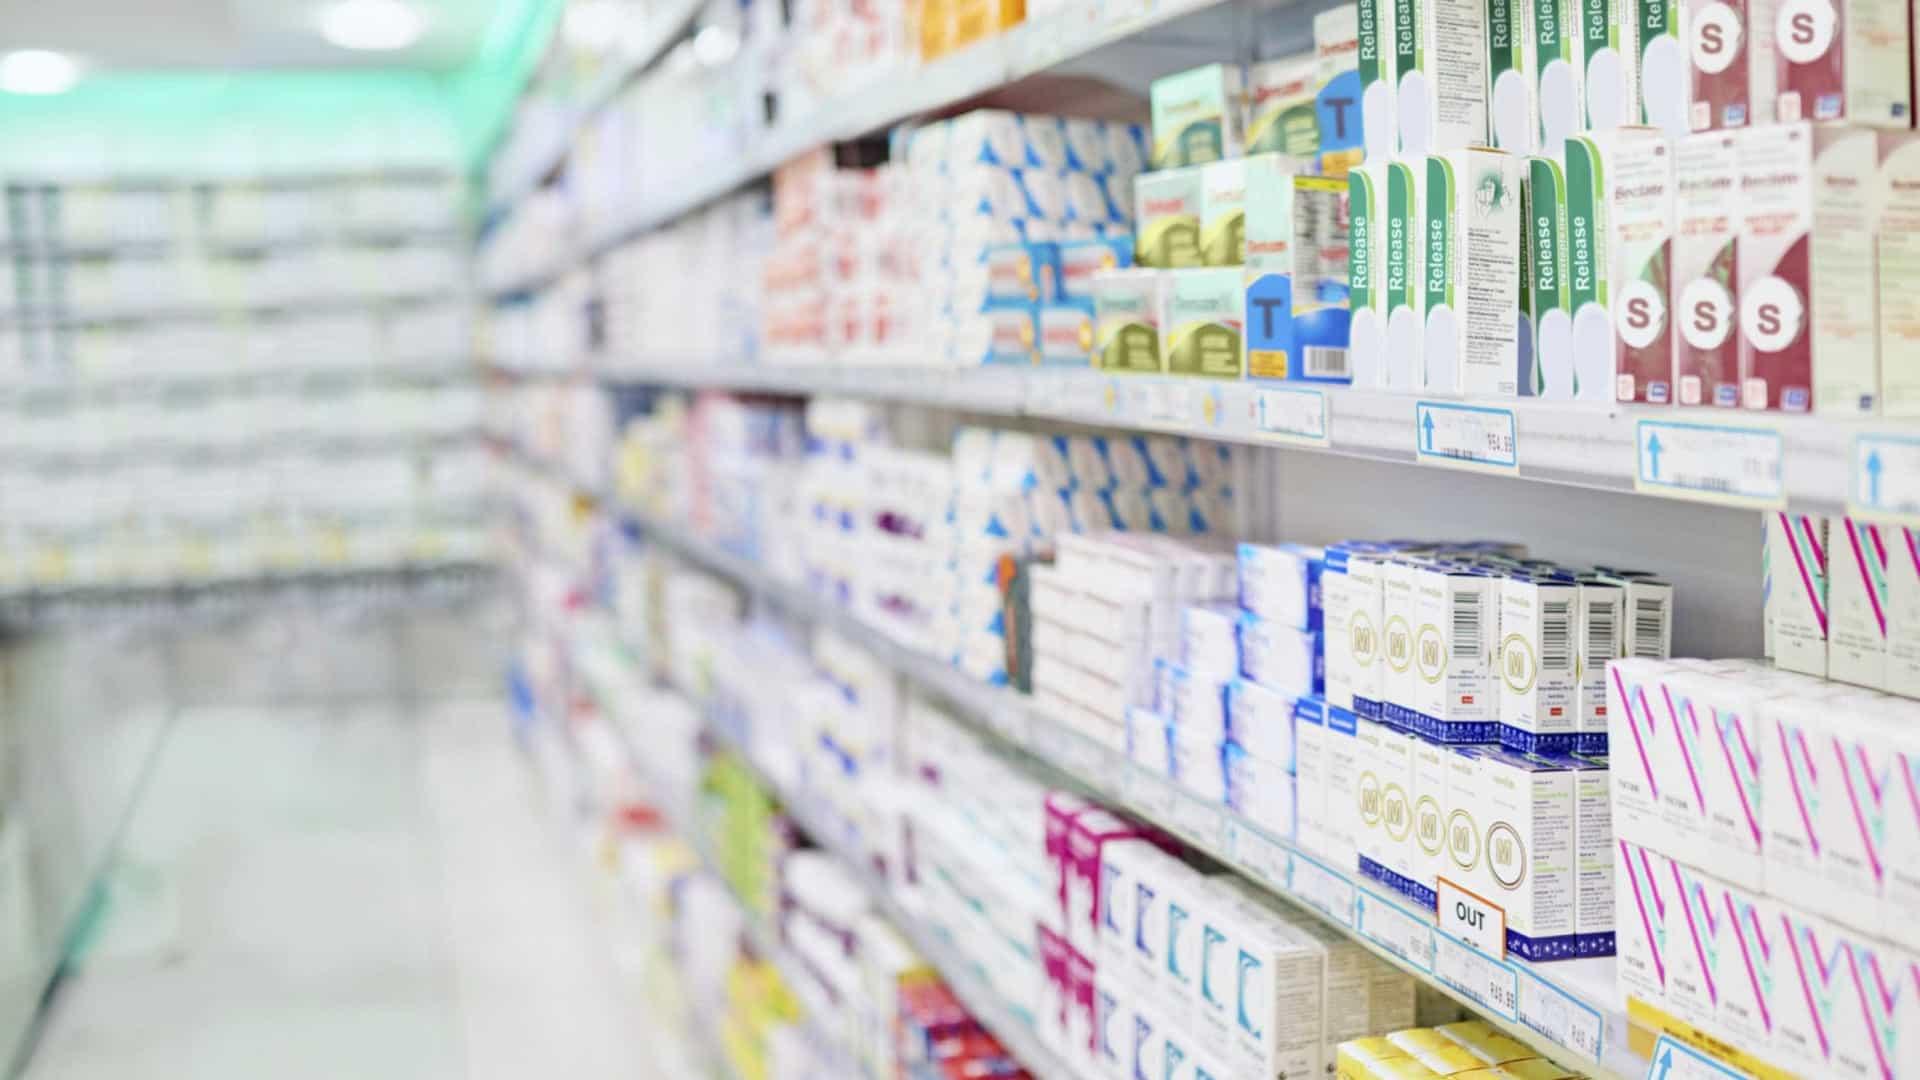 Xử lý mẫu thuốc vi phạm lấy tại cơ sở bán lẻ thuốc, cơ sở KCB tuyến 3, 4